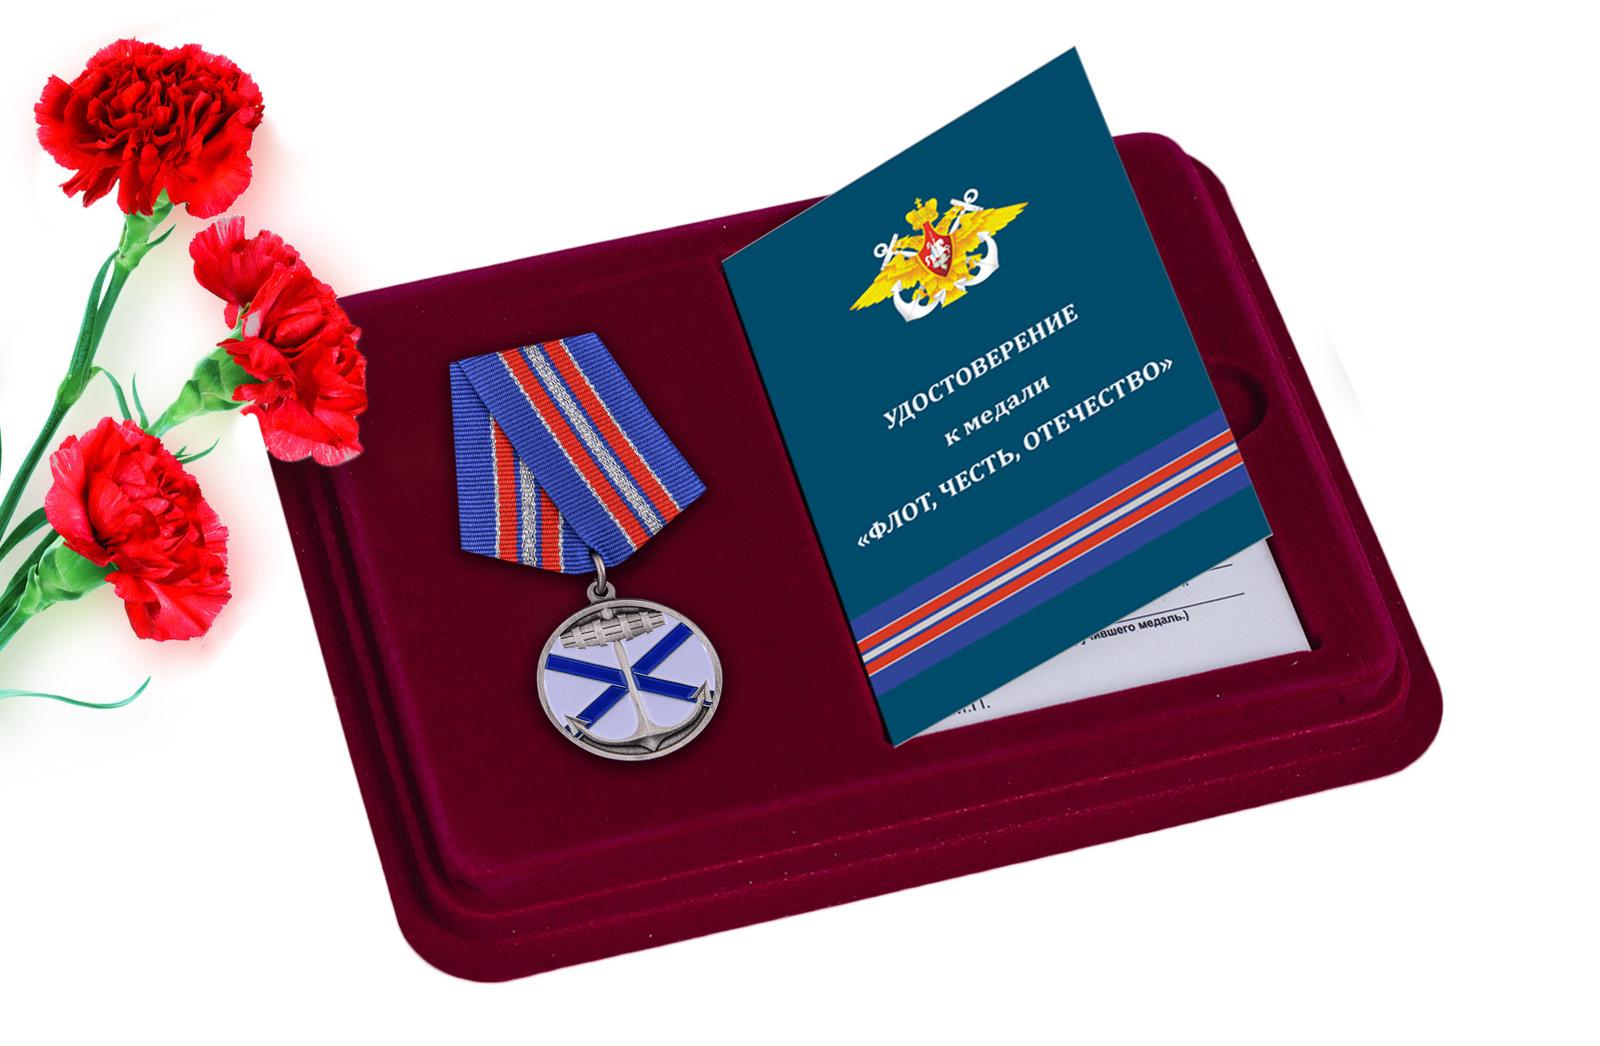 Купить медаль ВМФ РФ Андреевский флаг с доставкой в любой город